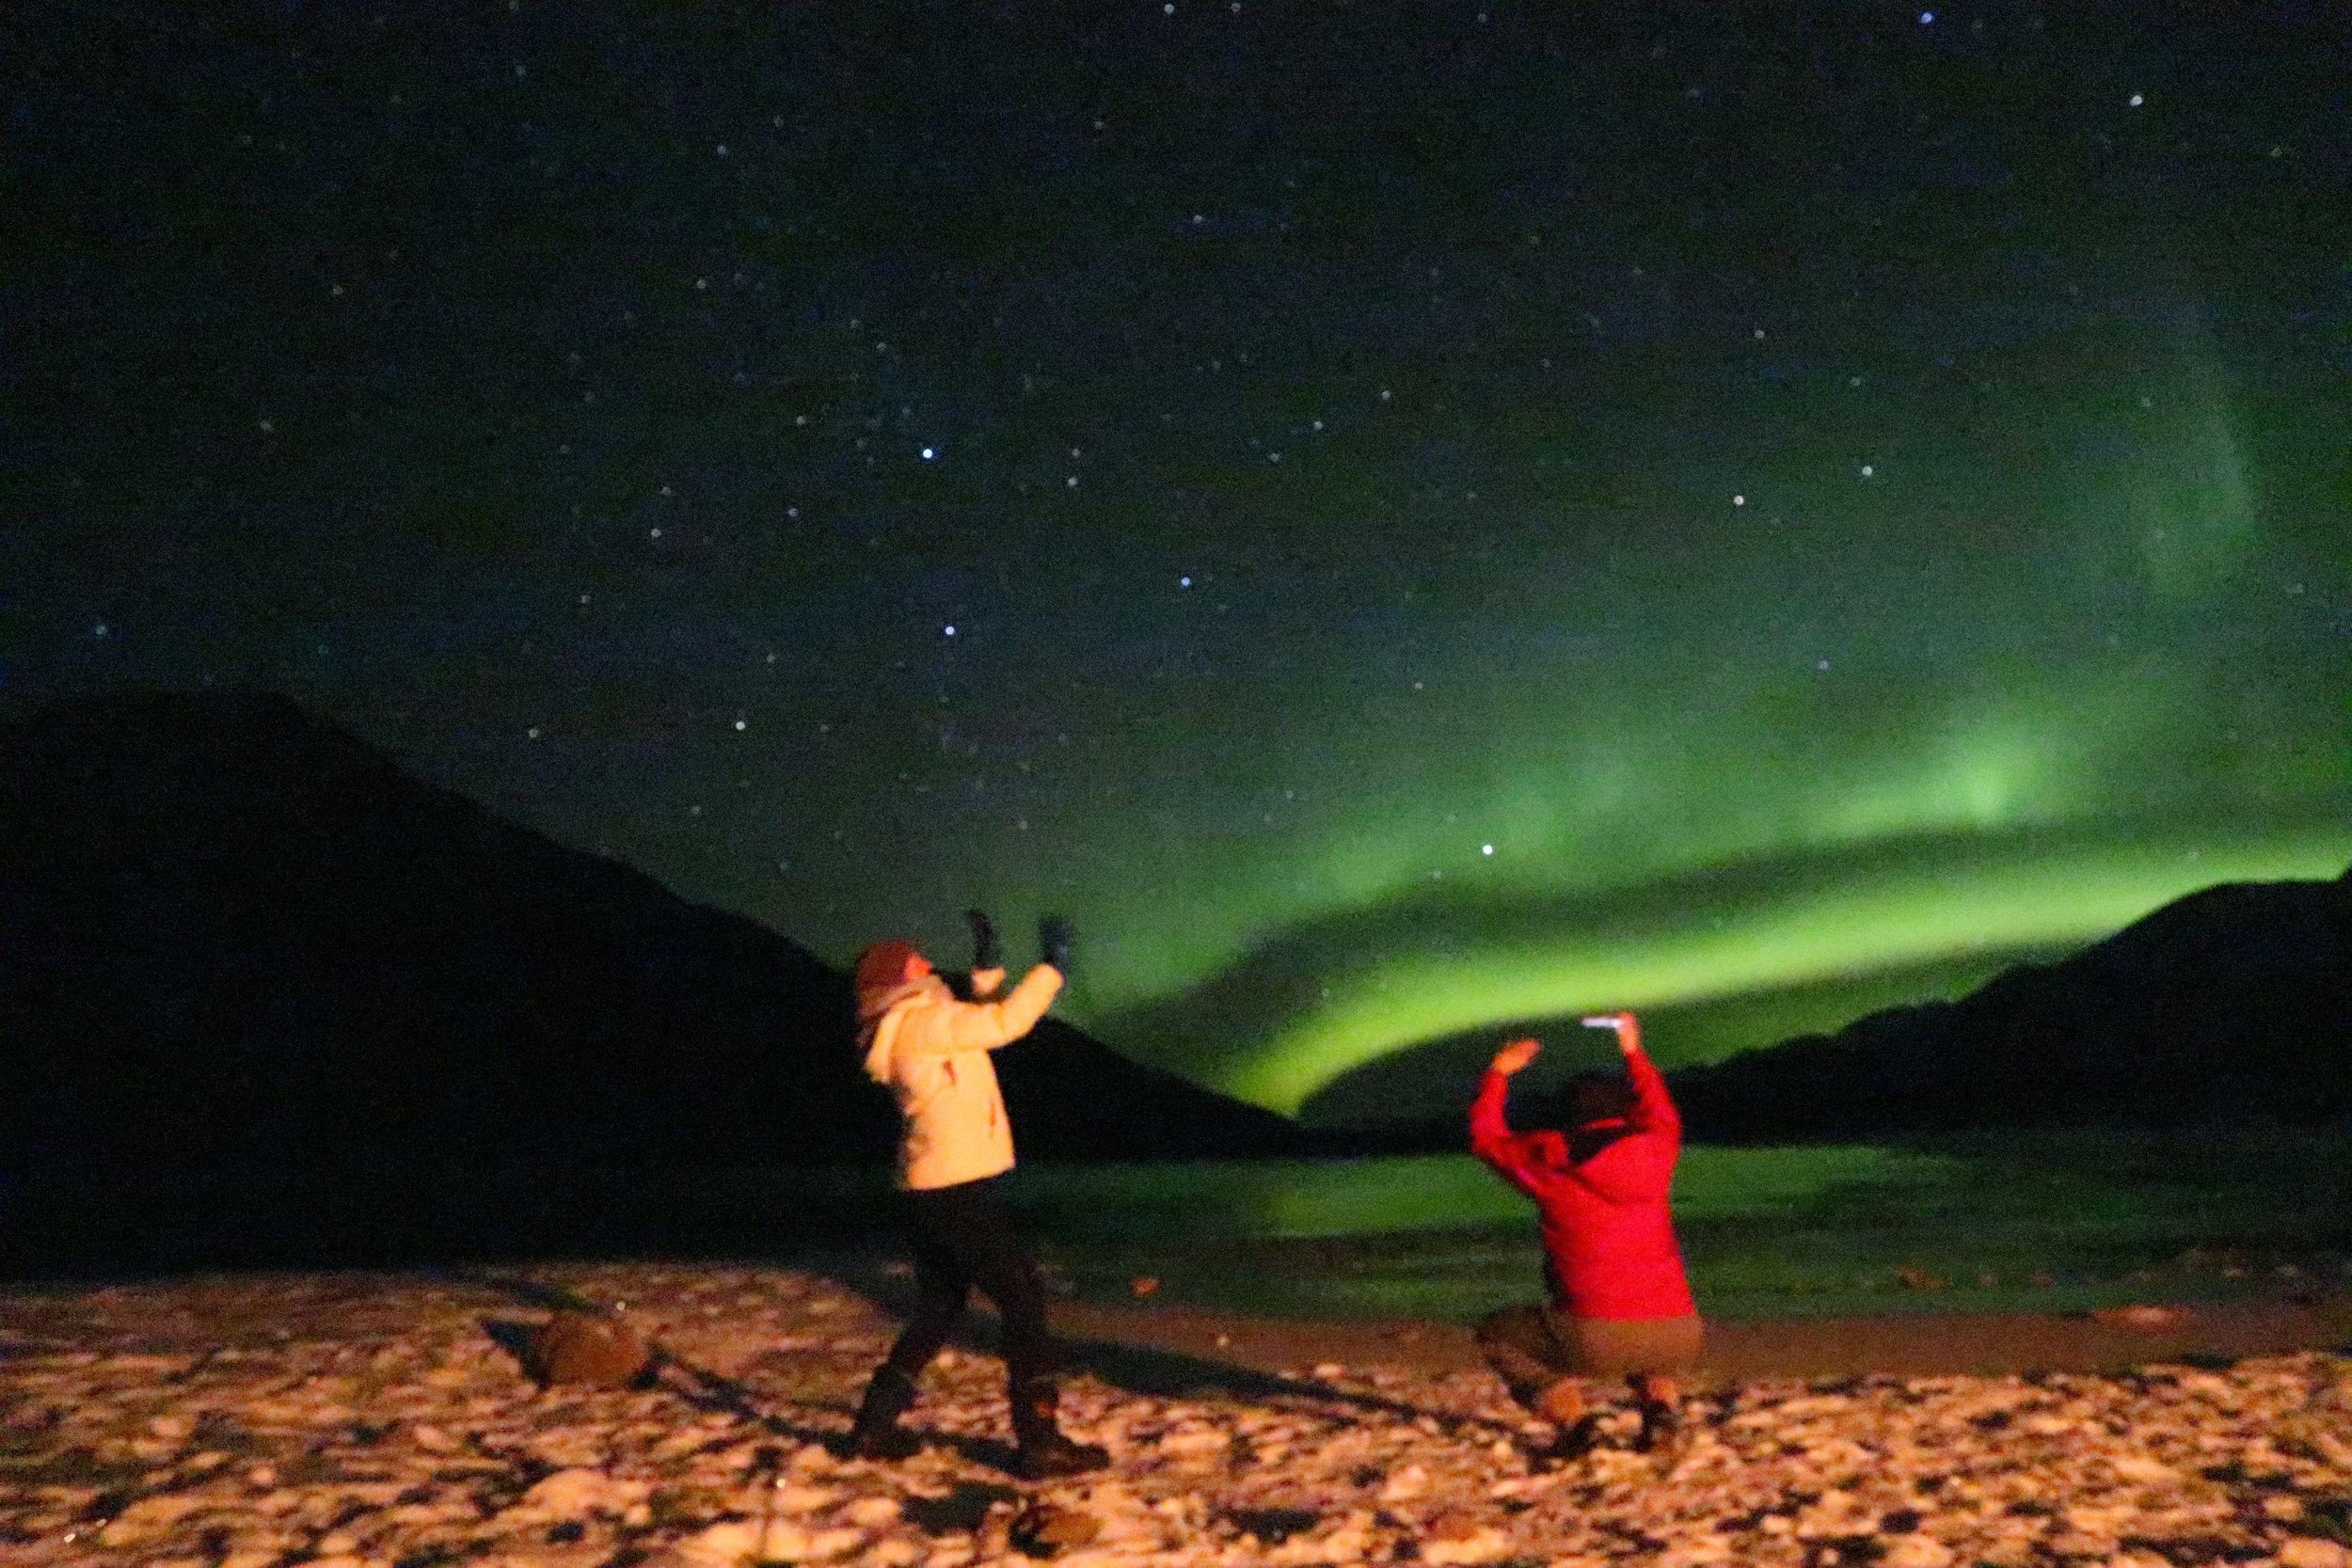 Aurora Borealis! - The spectacular